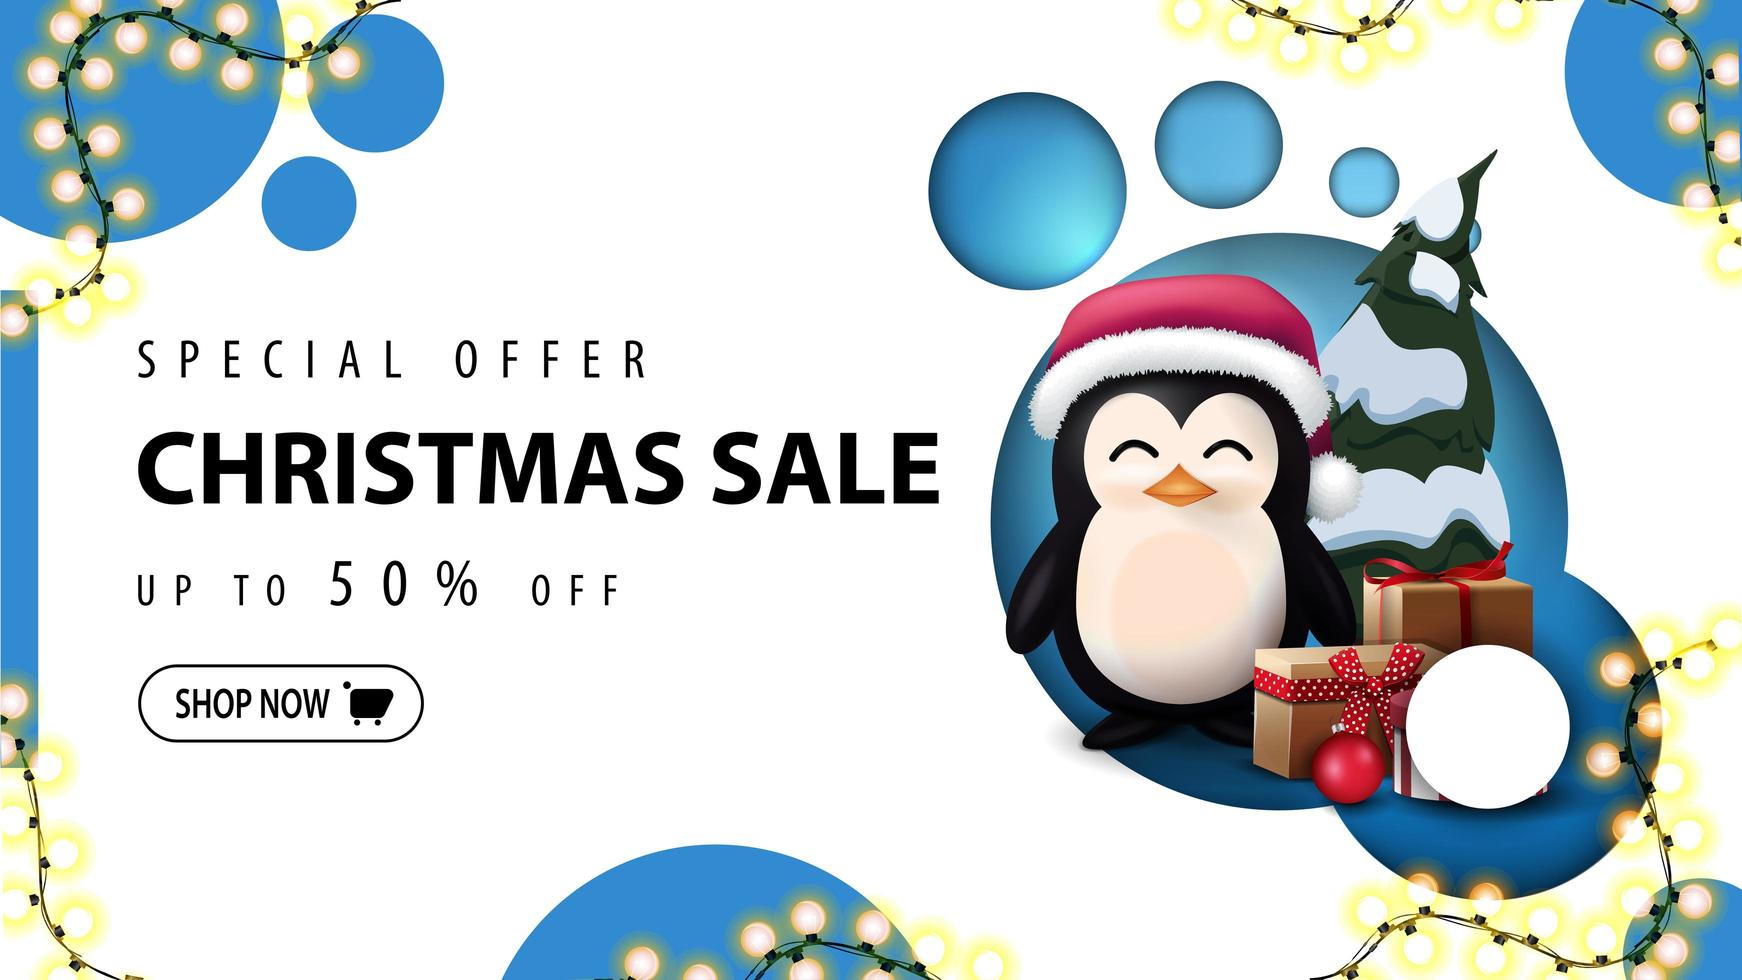 bannière de réduction moderne, offre spéciale, vente de Noël, jusqu'à 50 de réduction. bannière de réduction avec un design moderne avec des cercles bleus et un pingouin en chapeau de père Noël avec des cadeaux vecteur